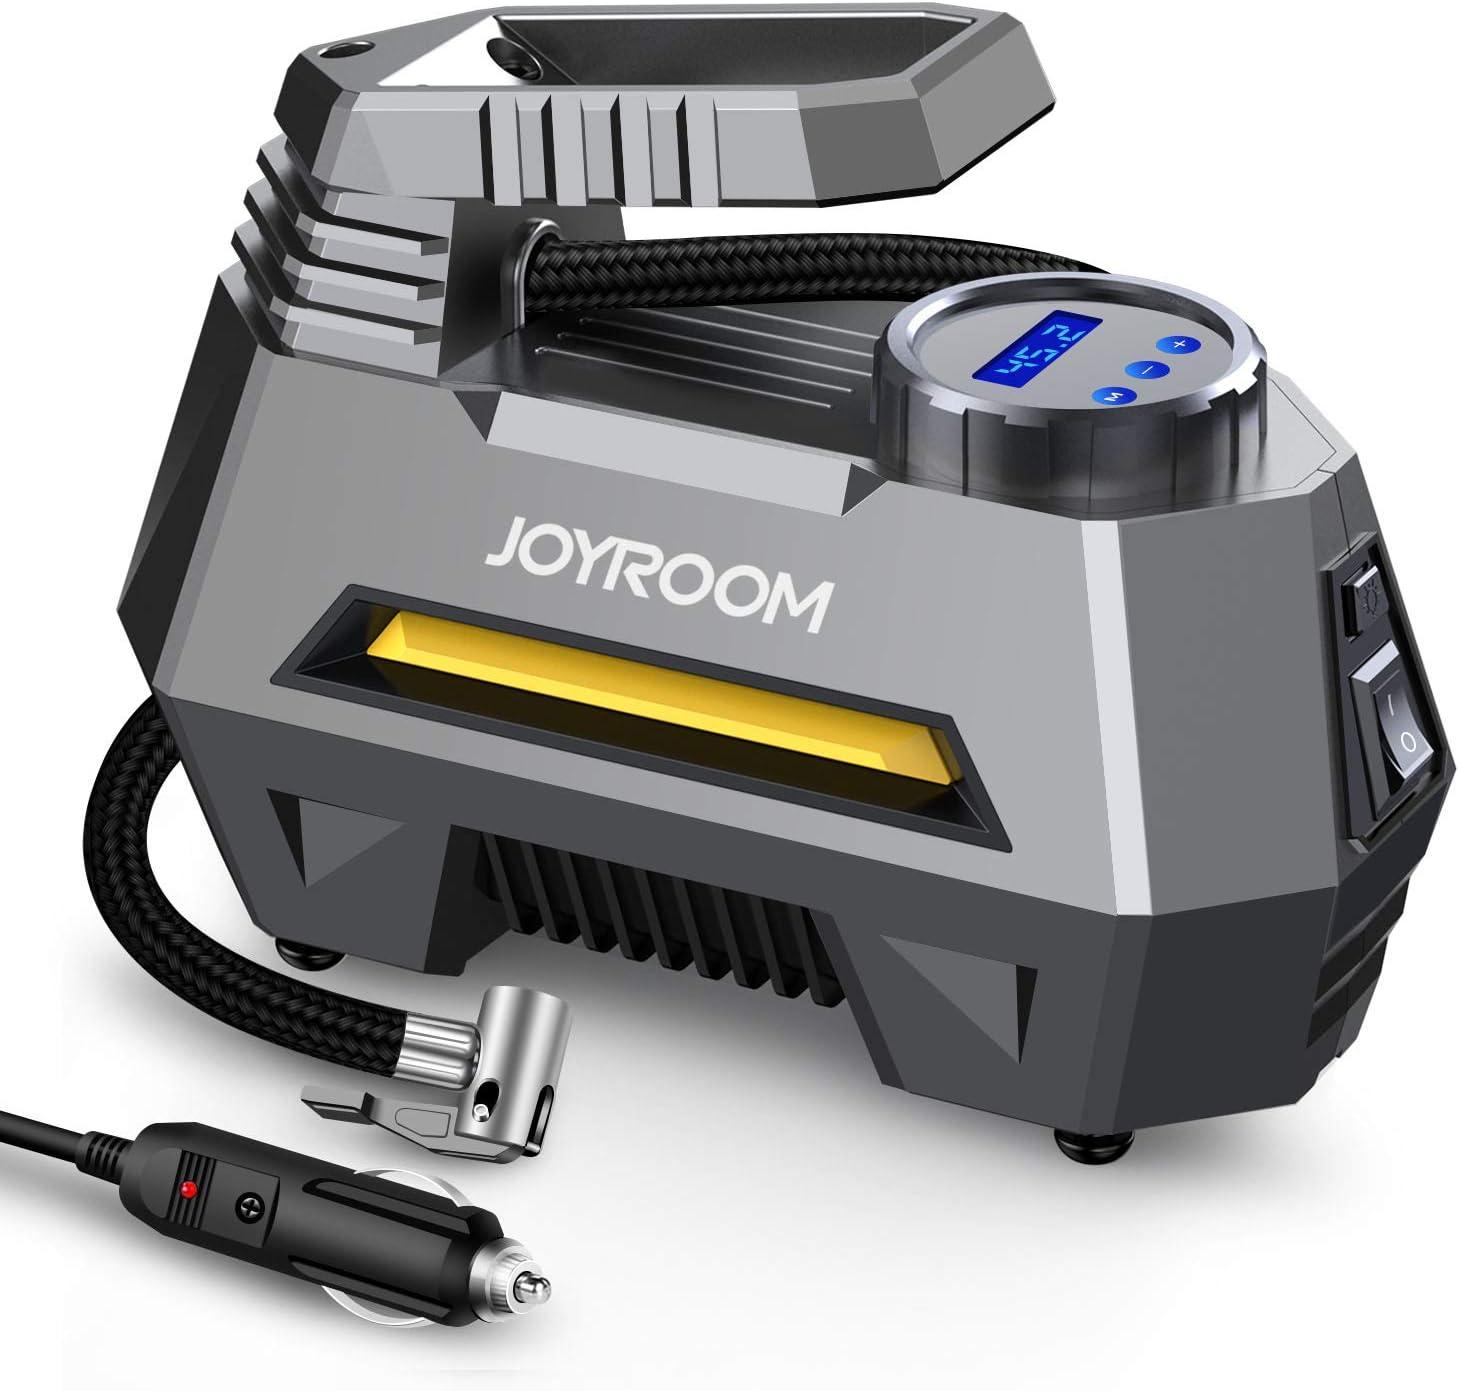 Joyroom Portable Air Compressor